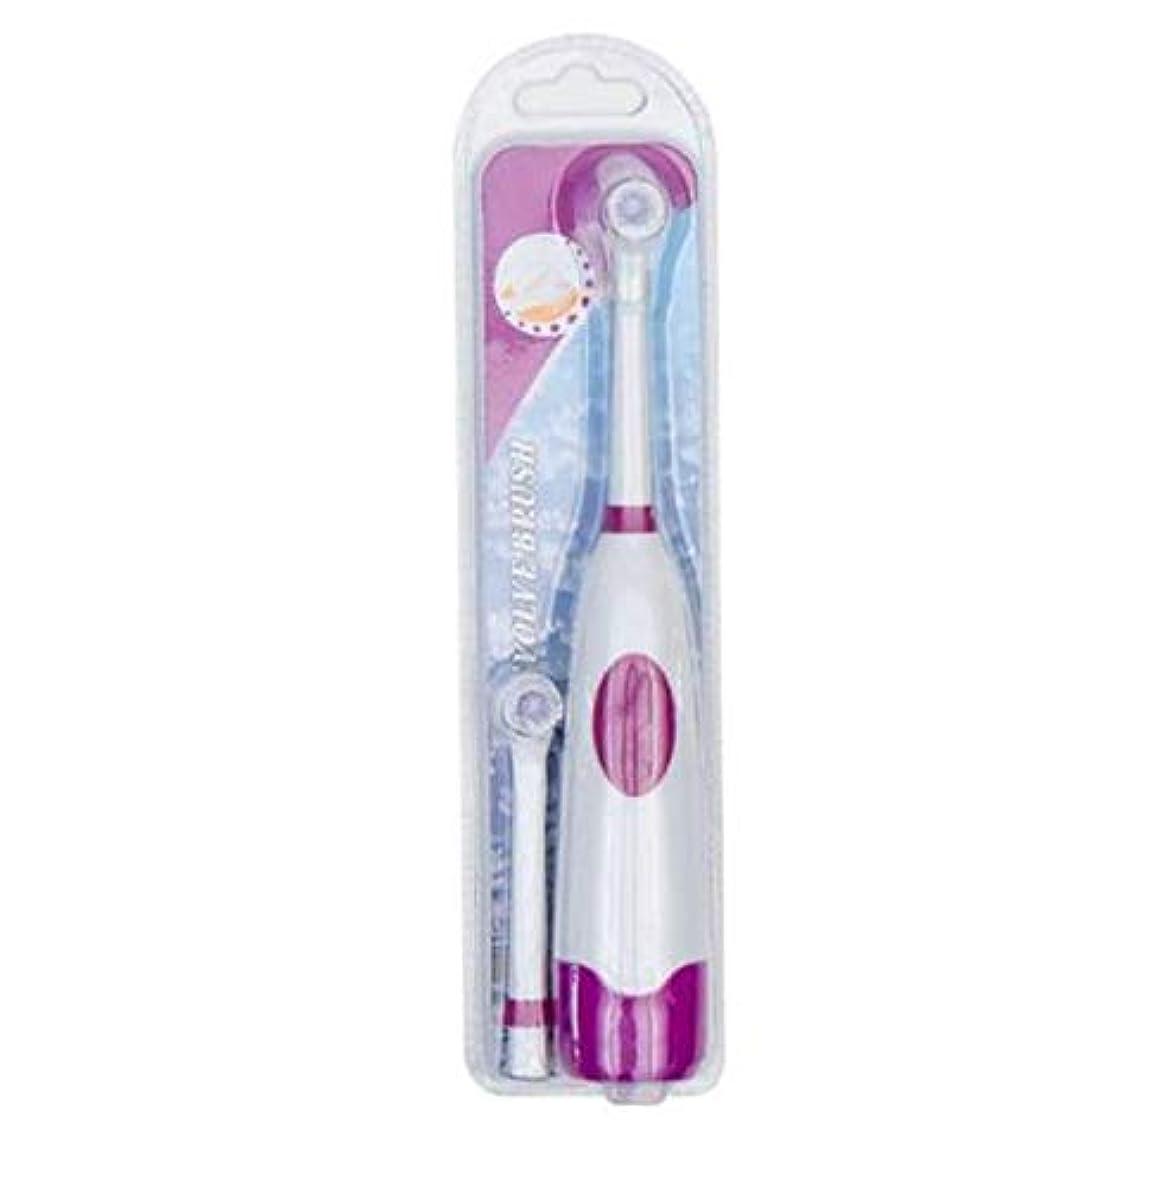 良心測る討論1セット電動歯ブラシ付き2ブラシヘッド電池式口腔衛生子供用充電式歯ブラシなし,C